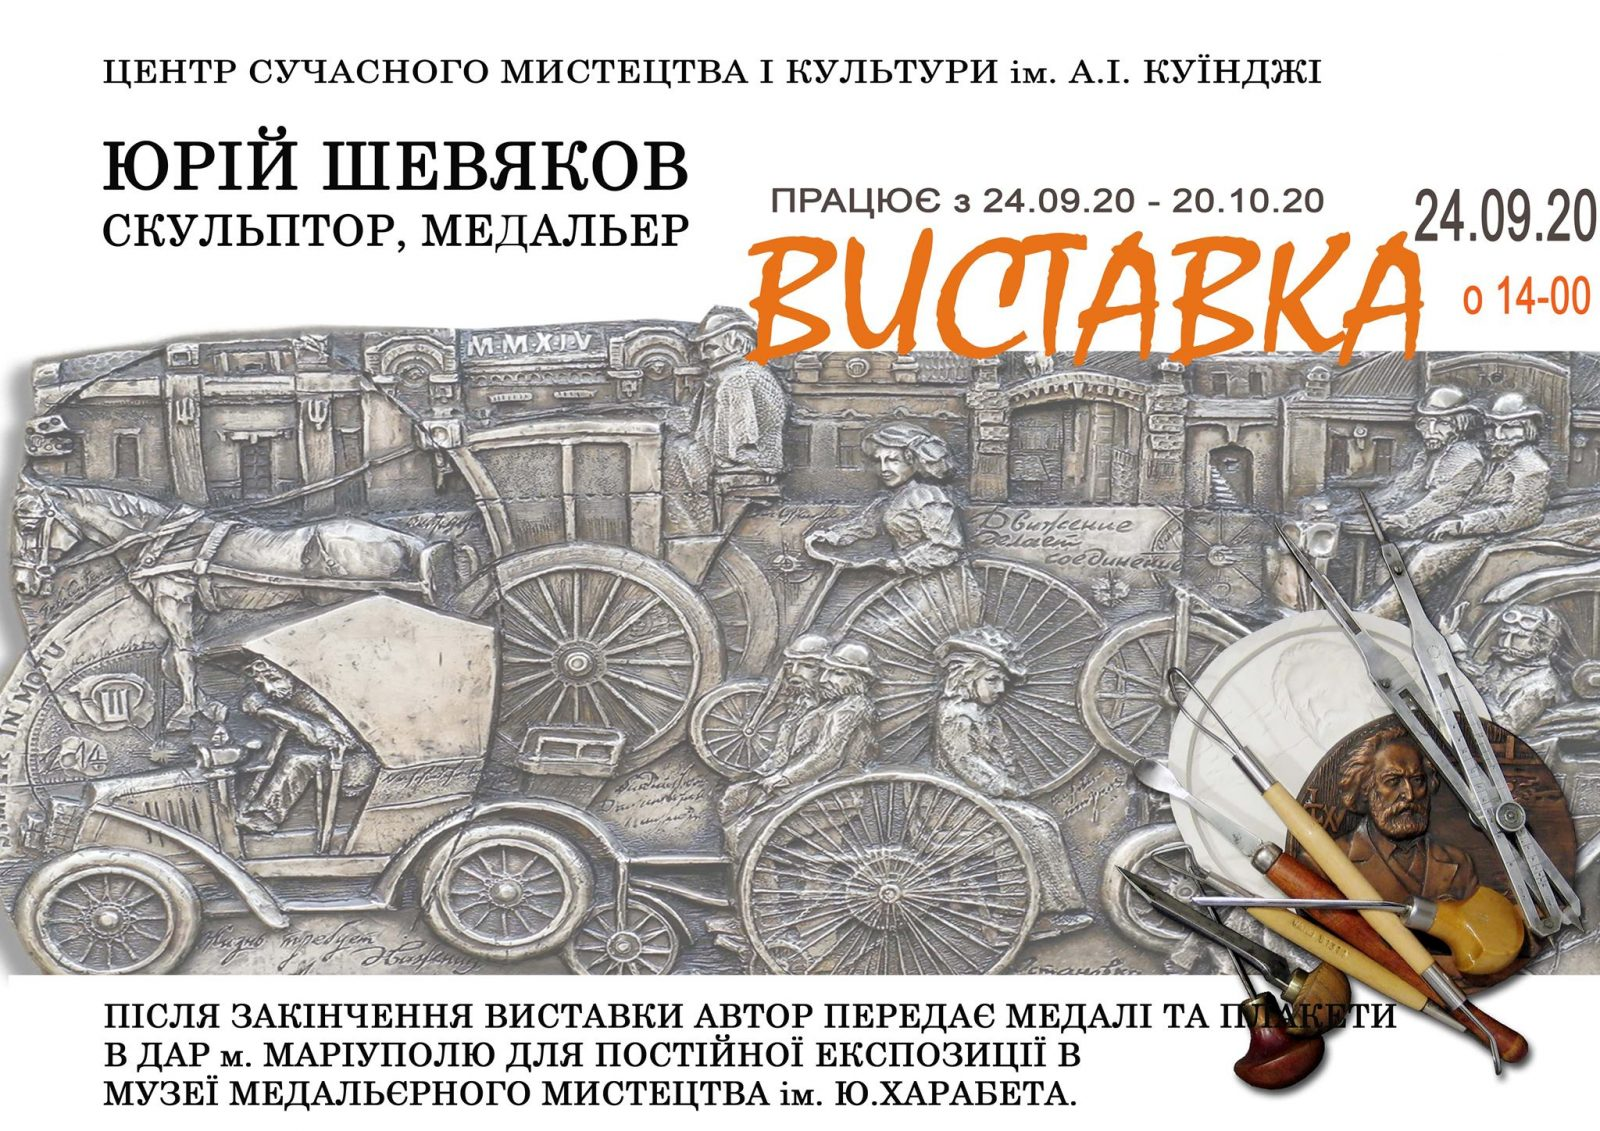 Виставка скульптора та медальєра Юрія Шевякова.